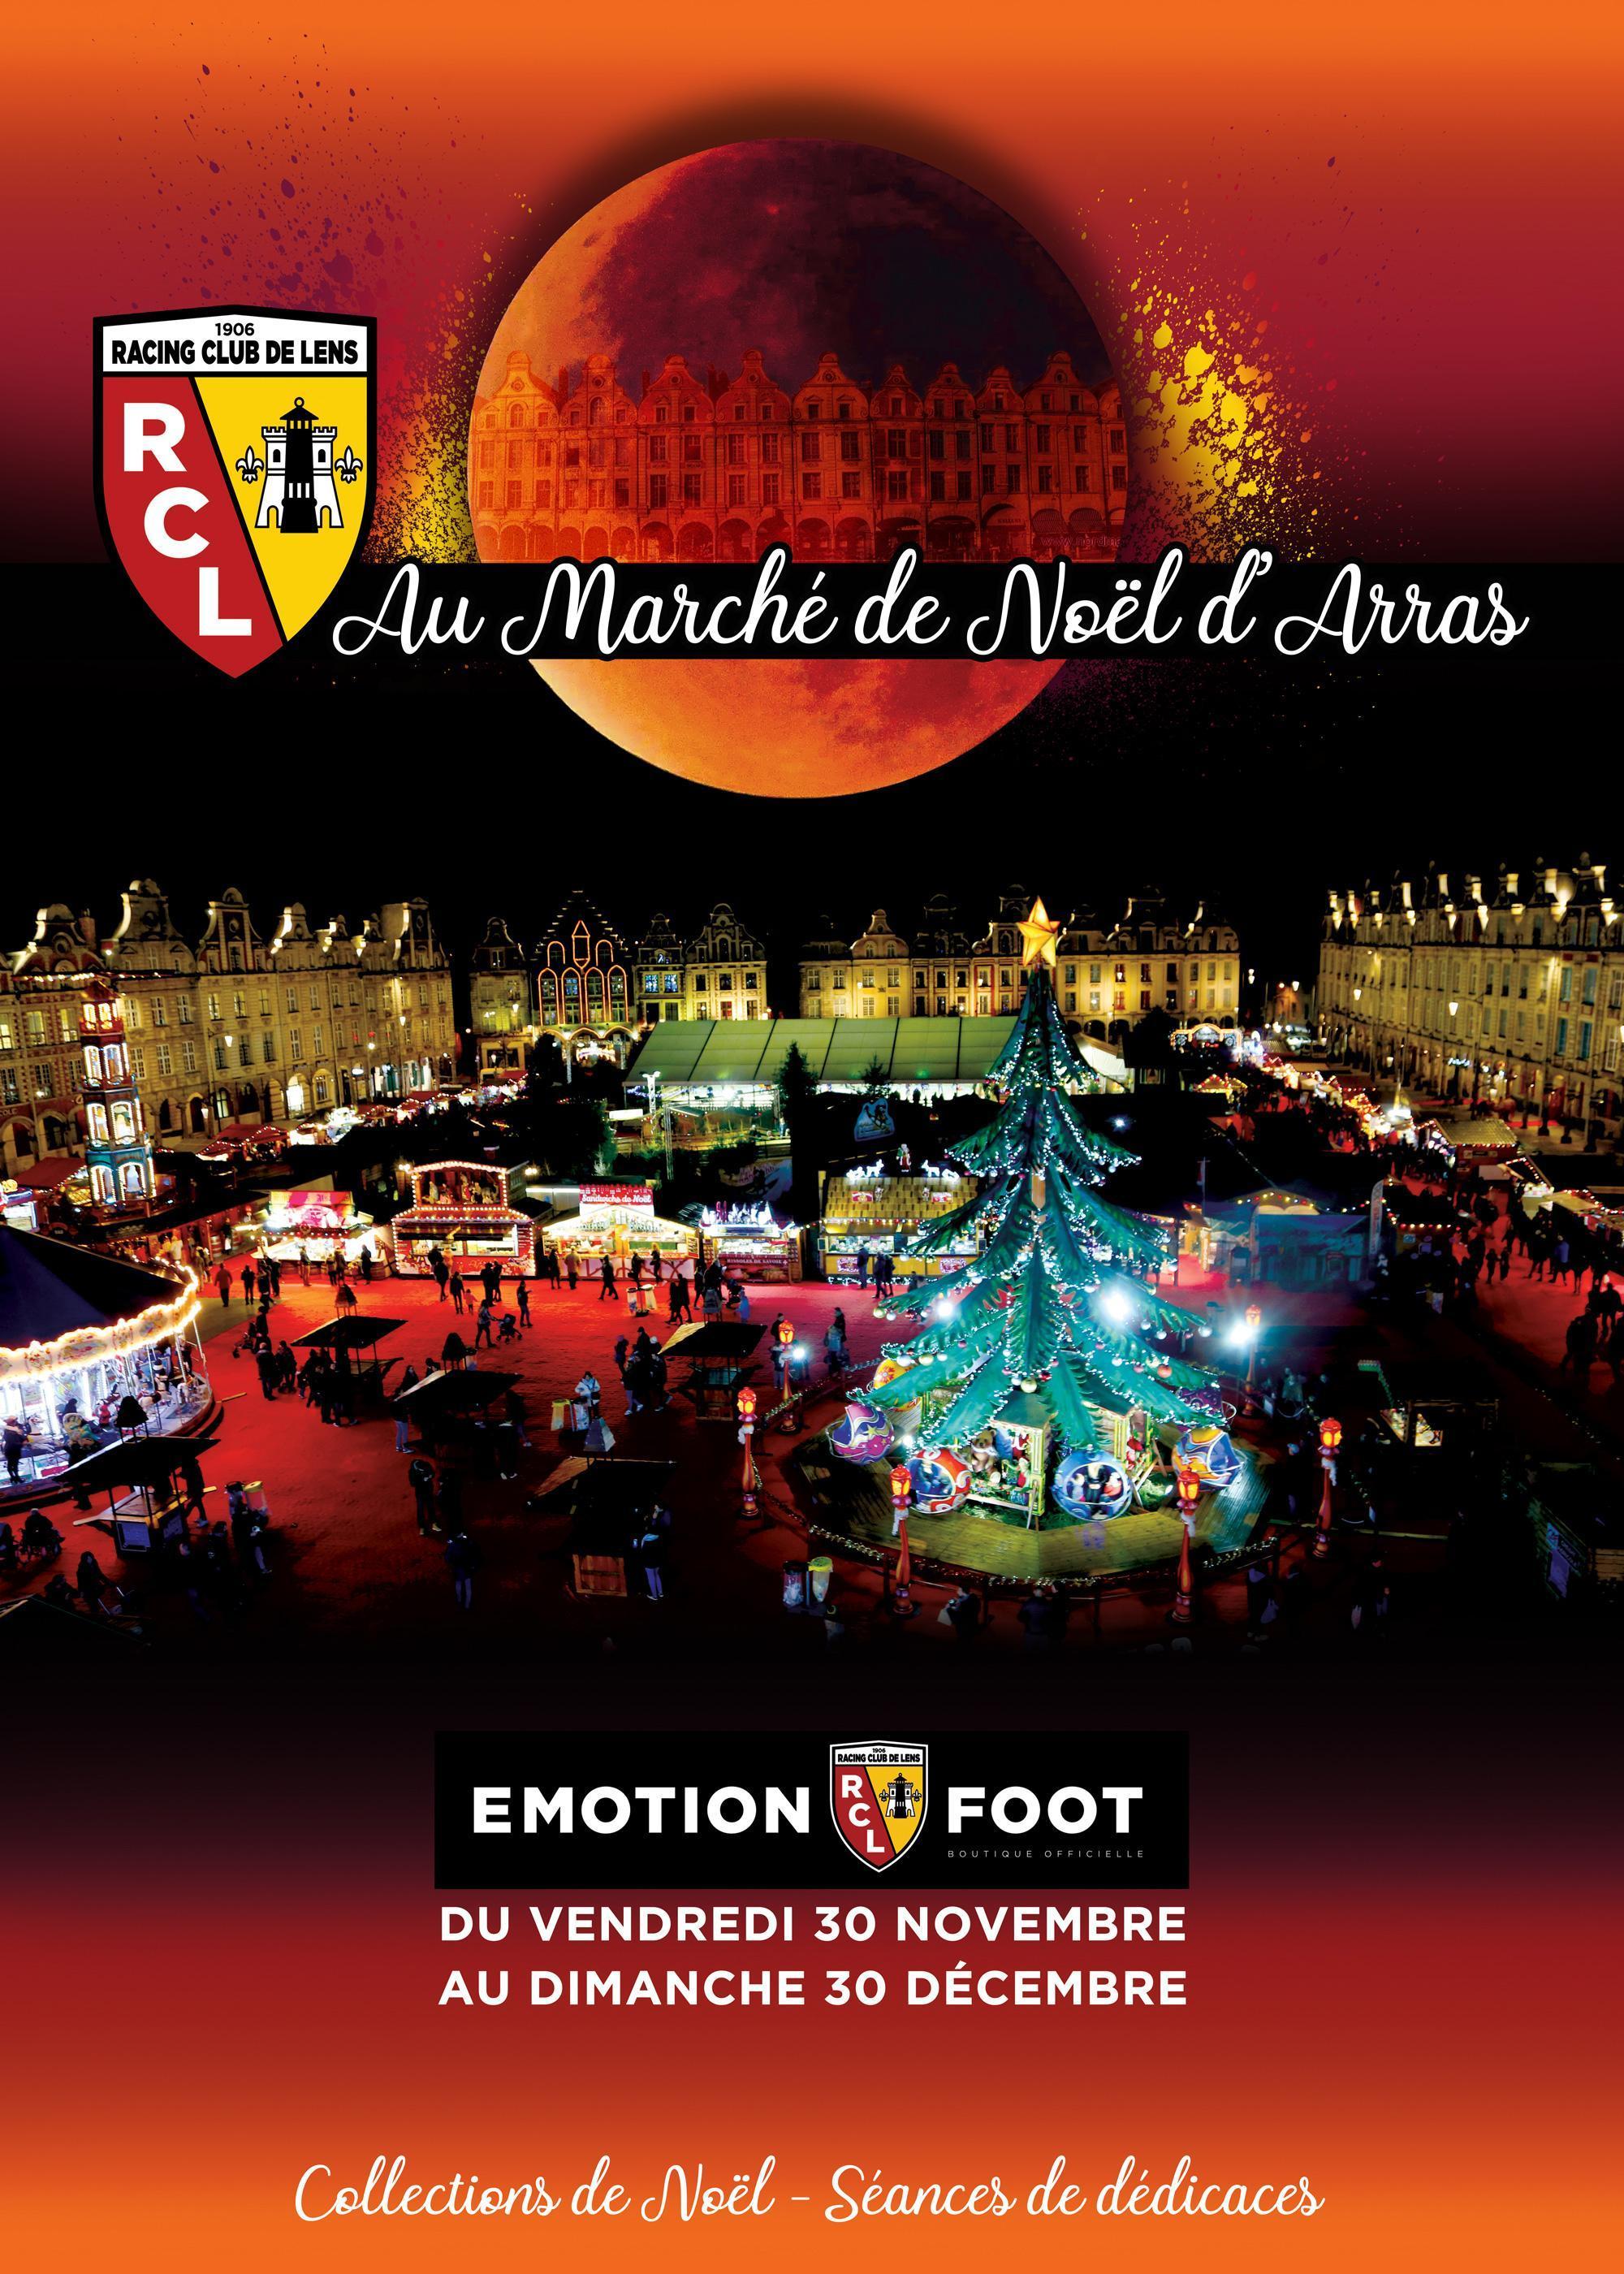 Emotion Foot au Marché de Noël d'Arras